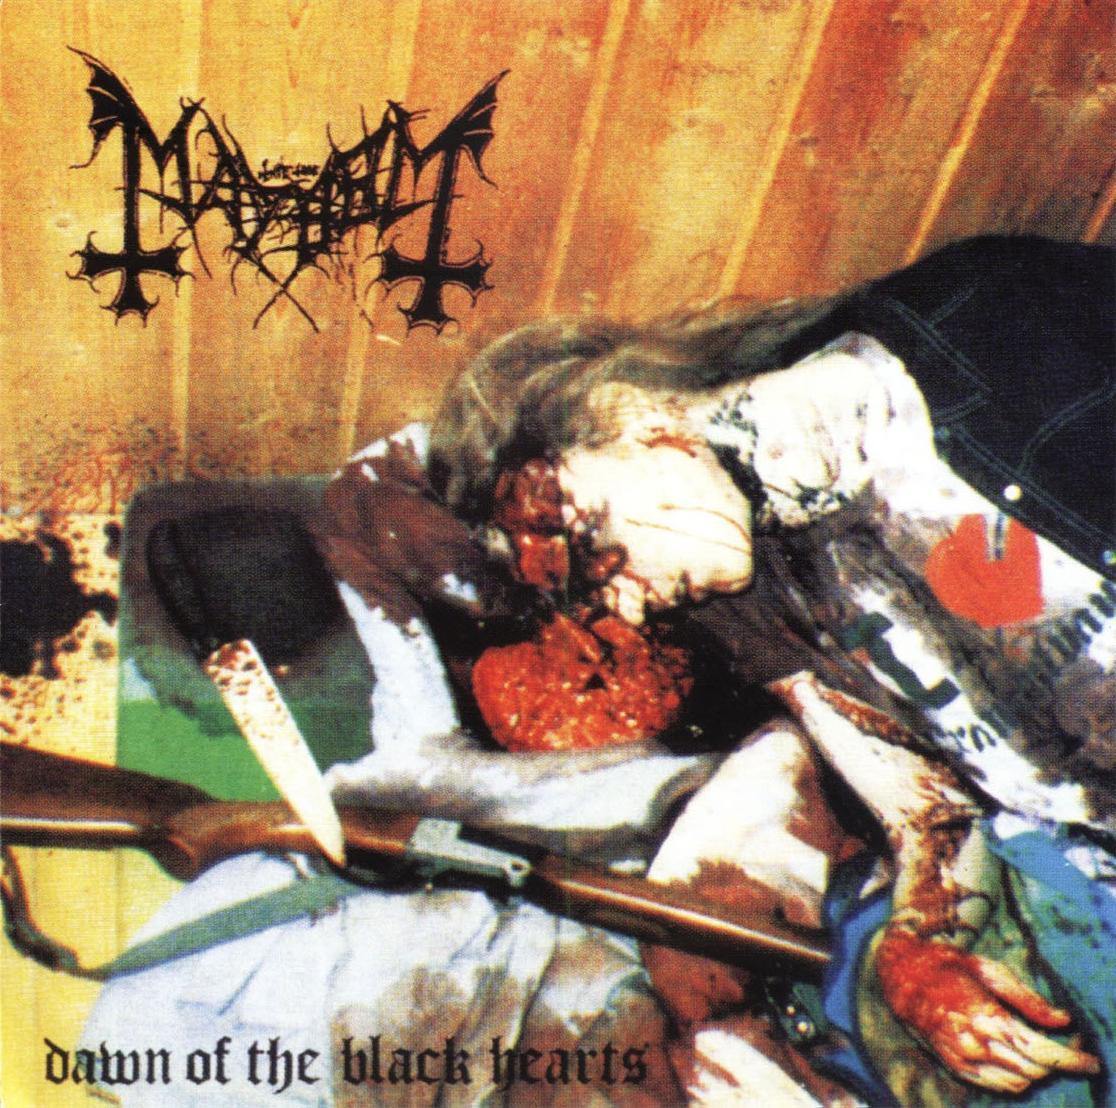 Top 10: Los peores crímenes del Black Metal DawnOfTheBlackHearts